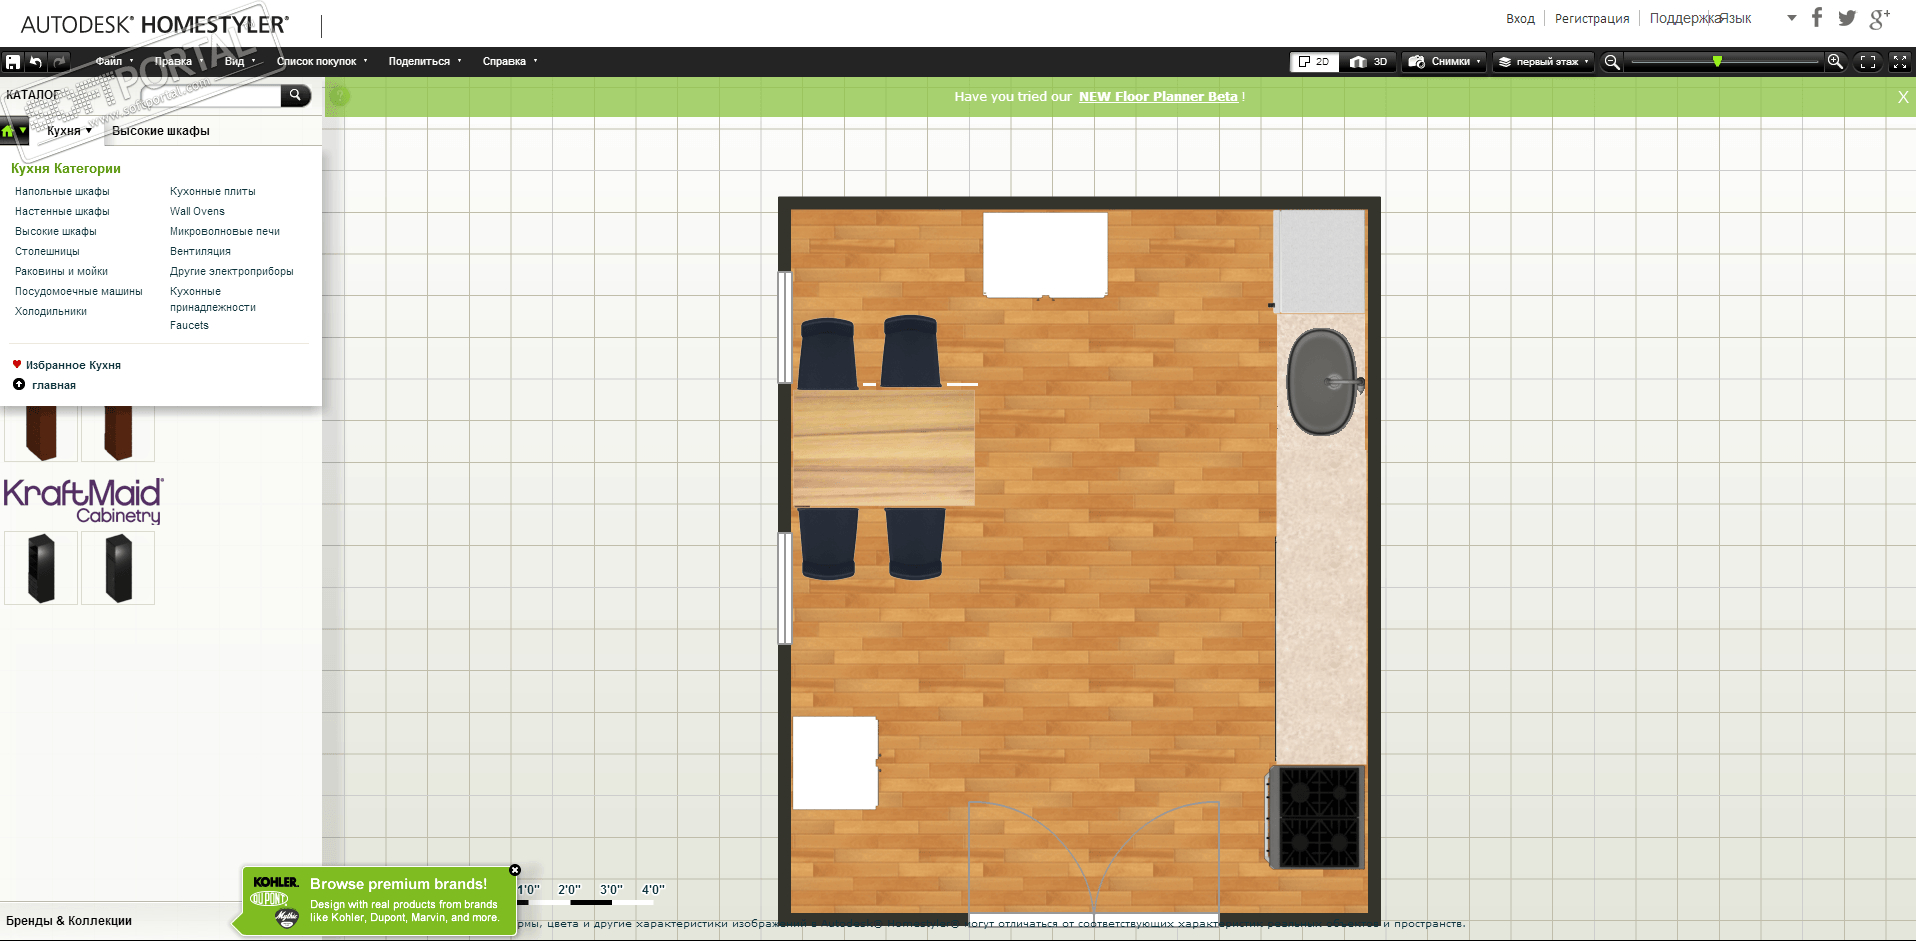 Autodesk homestyler скачать бесплатно autodesk homestyler 2. 6.